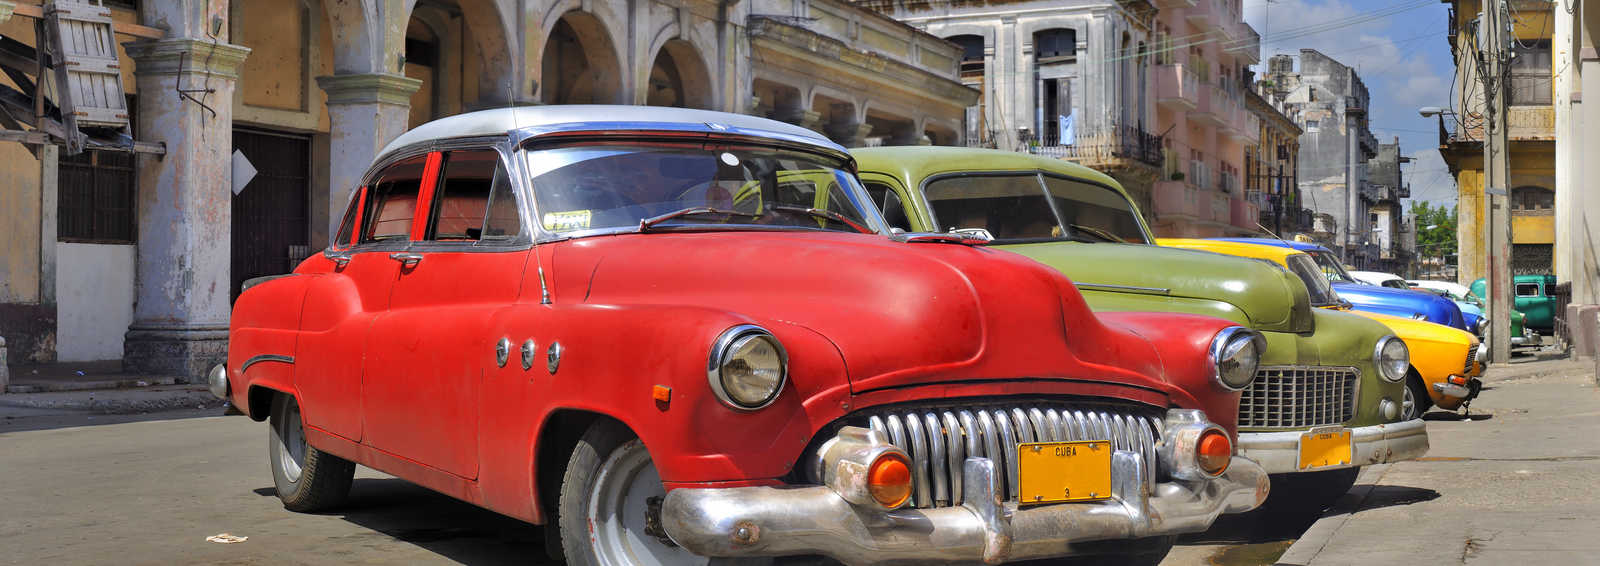 Cuba Image